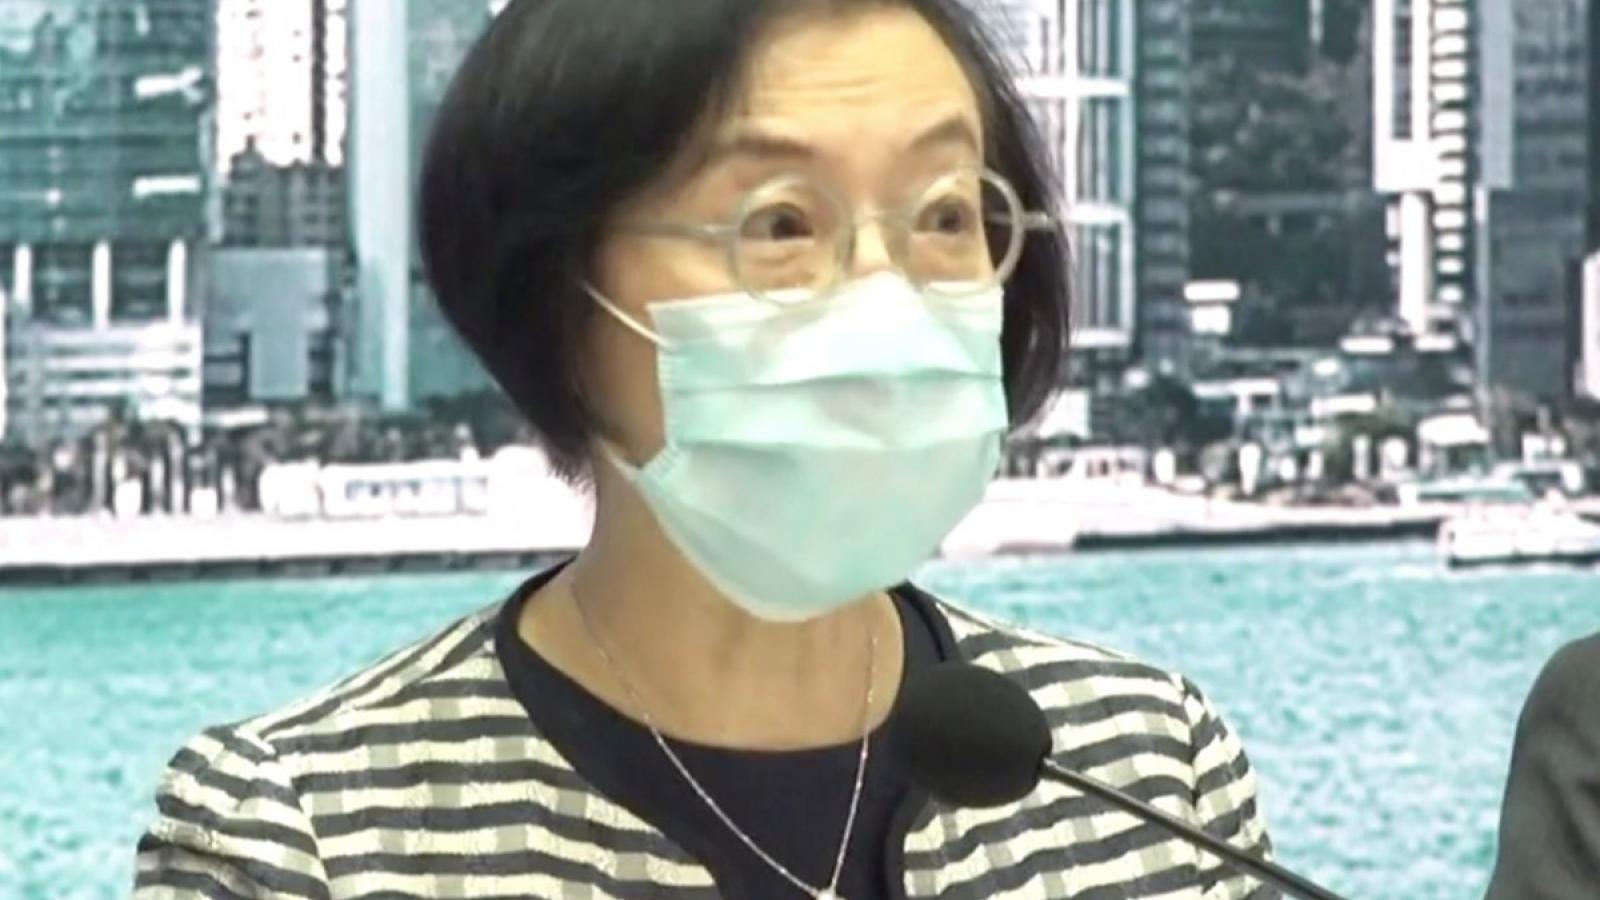 Hong Kong (Trung Quốc) nới lỏng các biện pháp hạn chế do dịch Covid-19